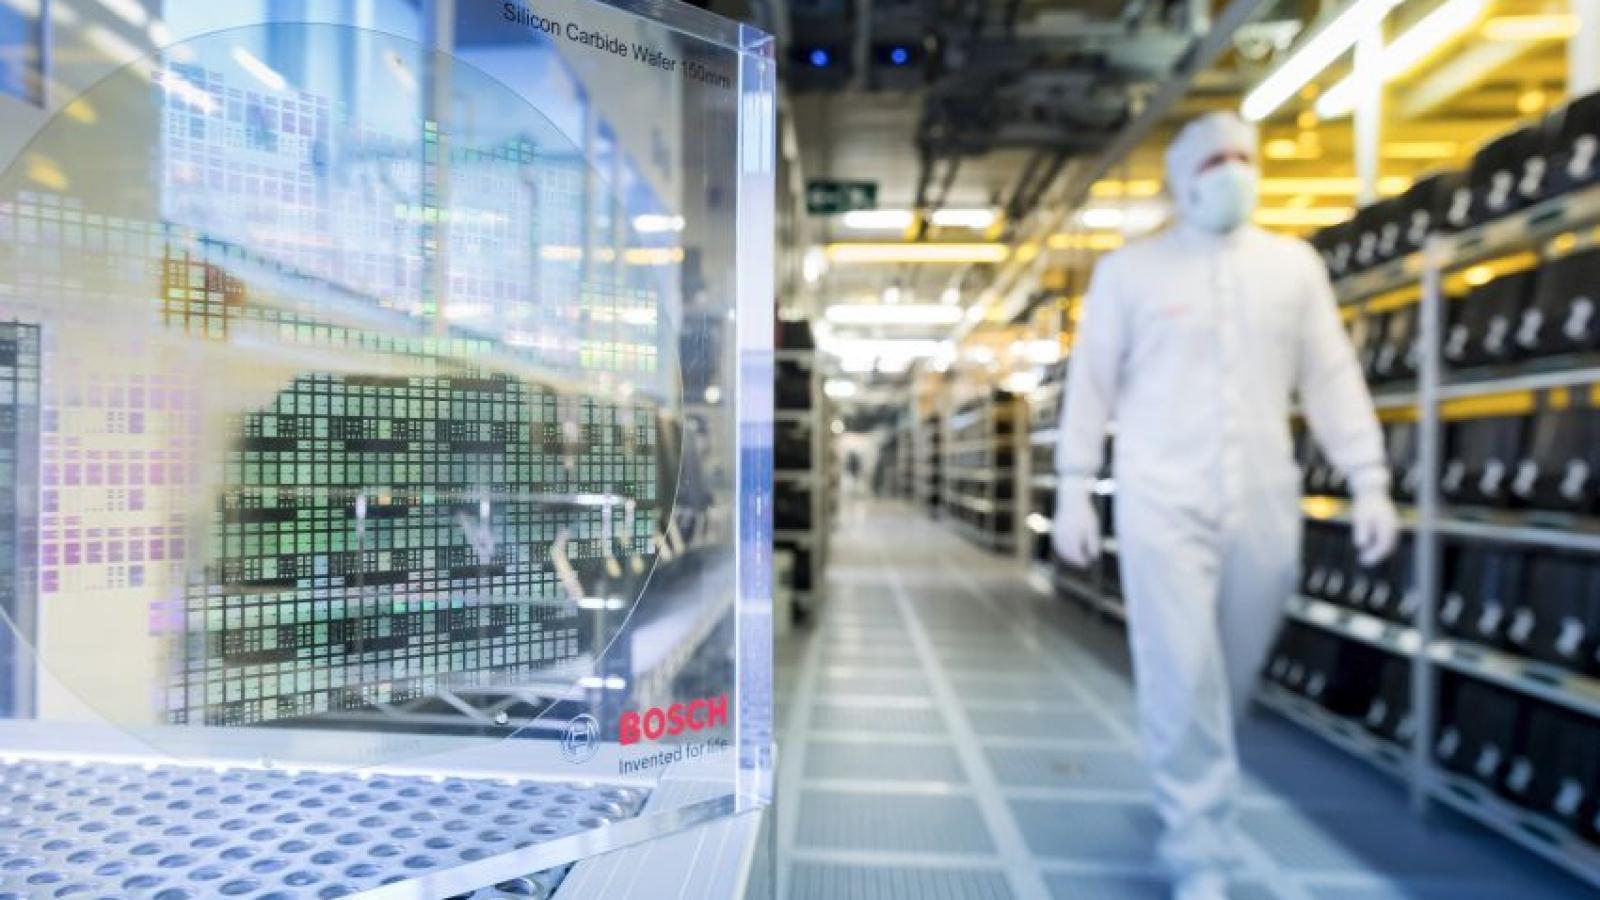 Ngành công nghiệp ô tô thiếu hụt nguồn cung chip trên toàn cầu